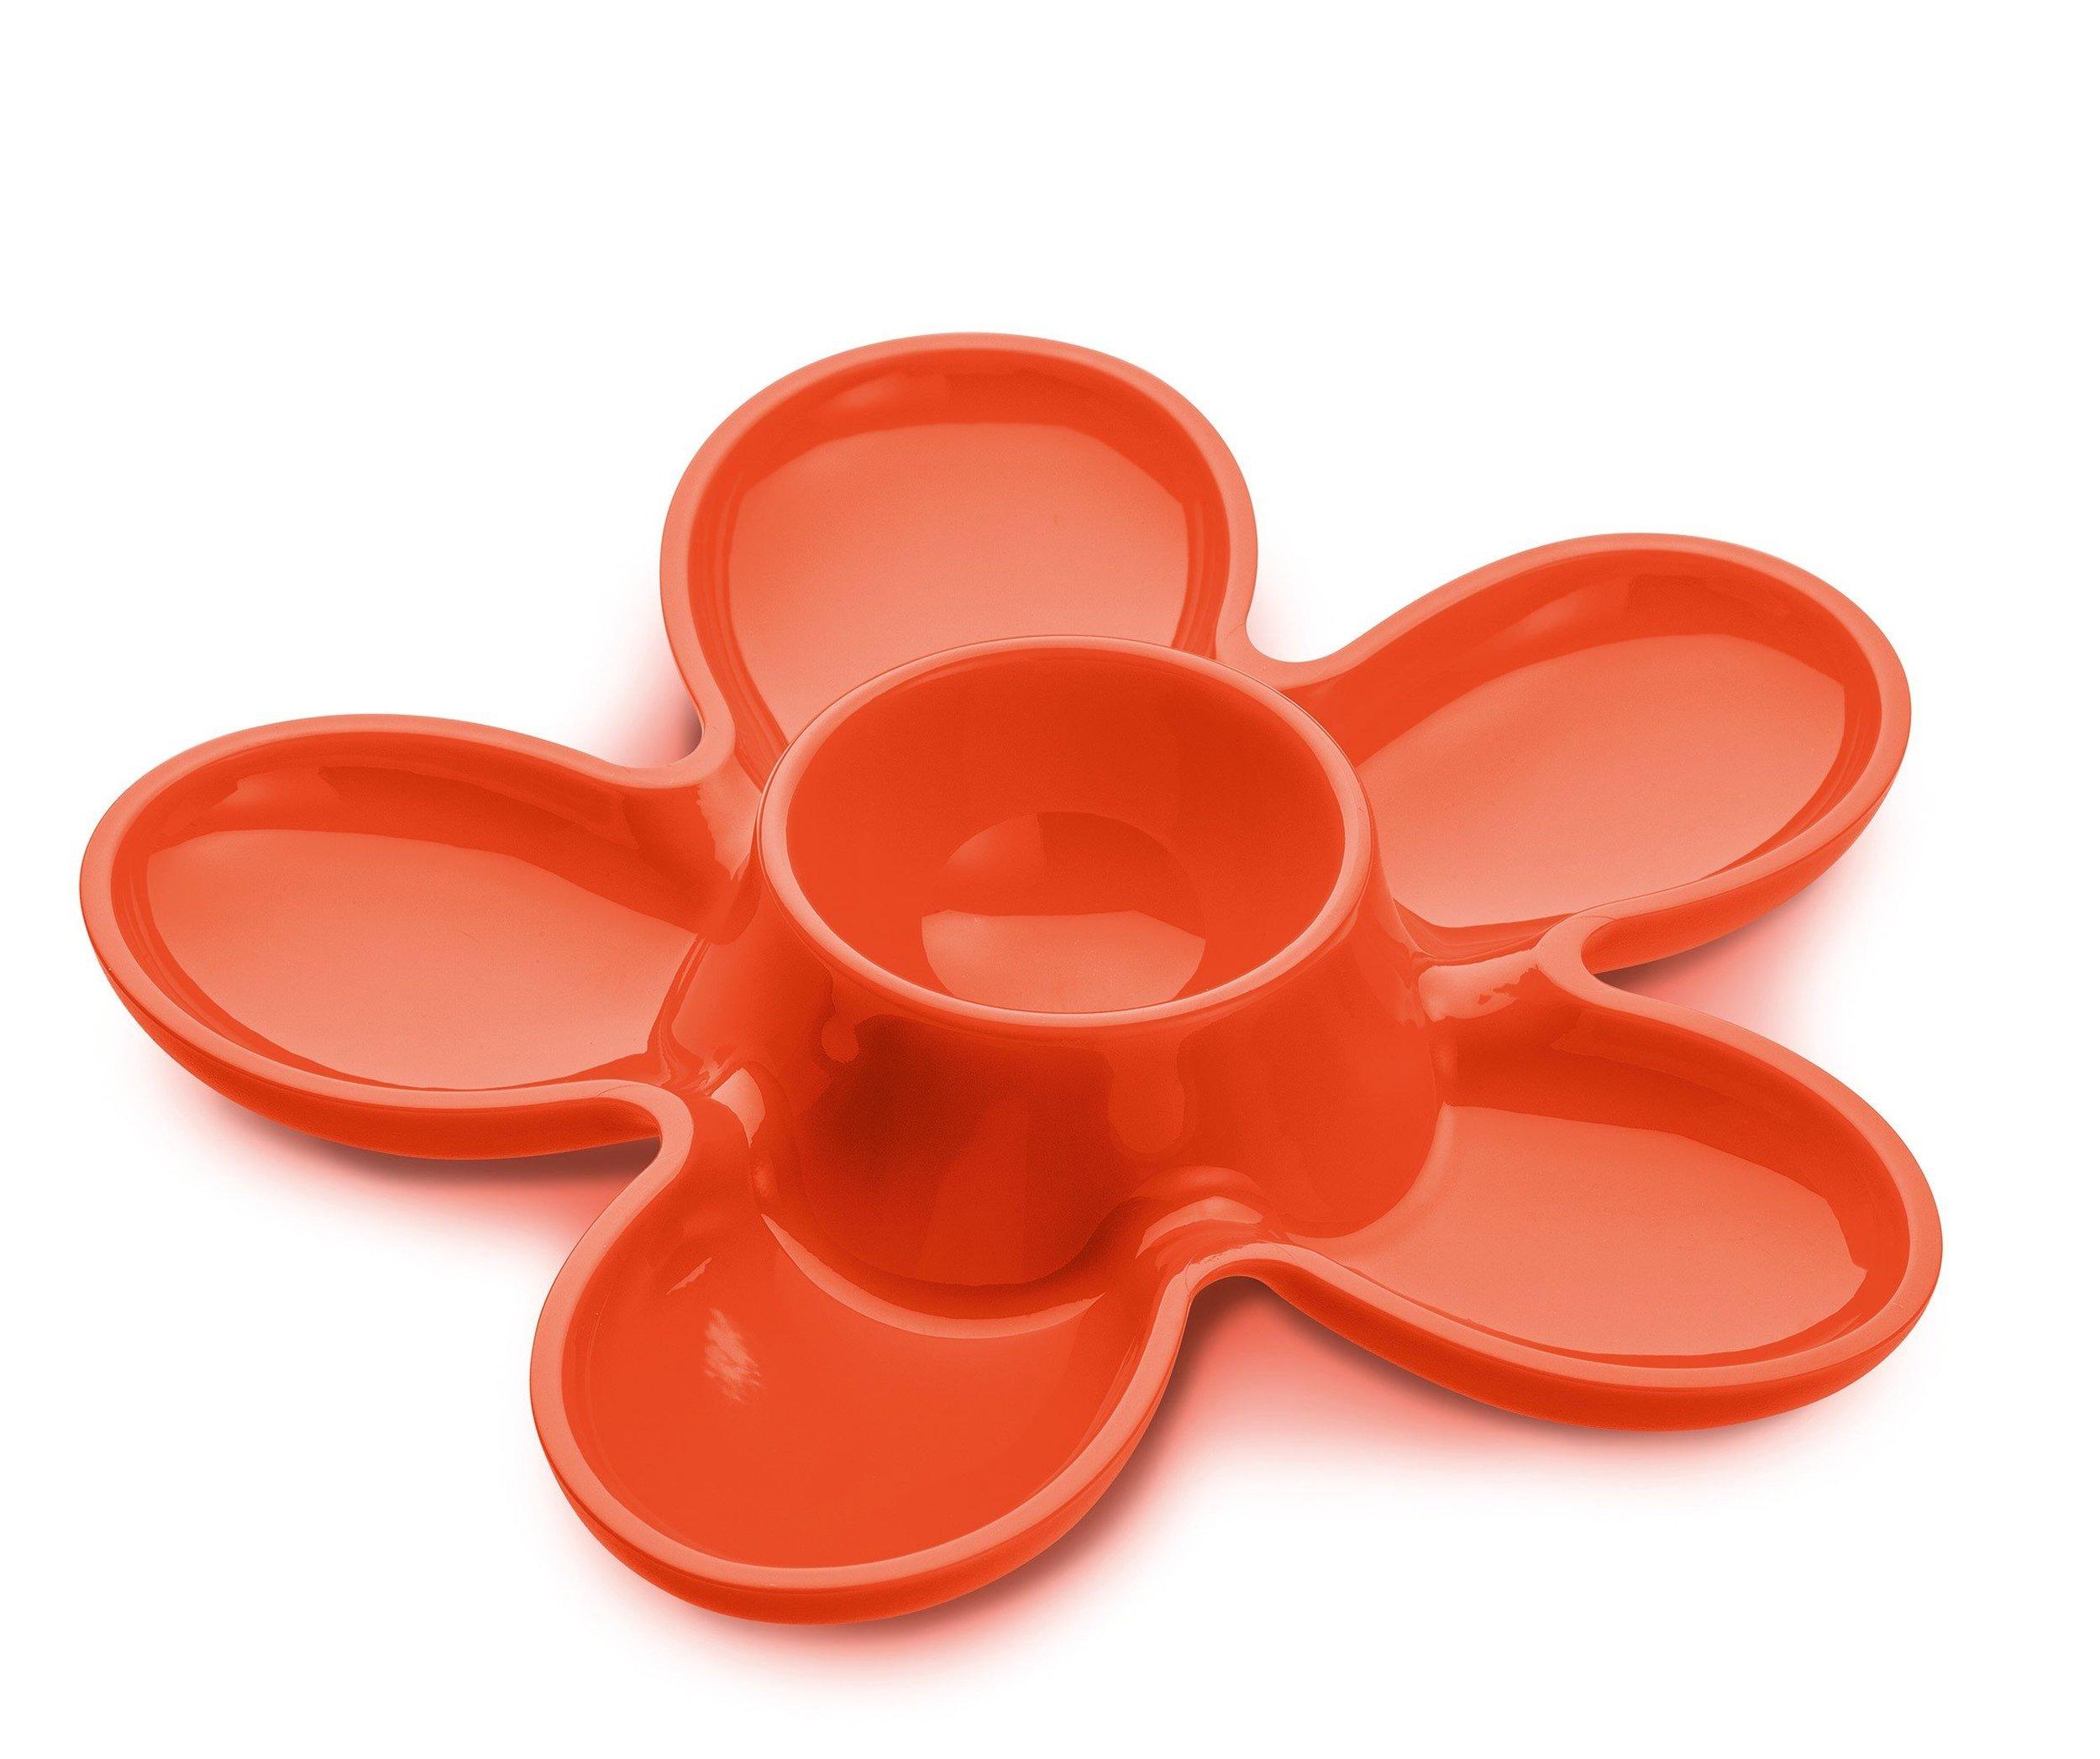 Kieliszek do jajek A-pril 1 szt. pomarańczowoczerwony